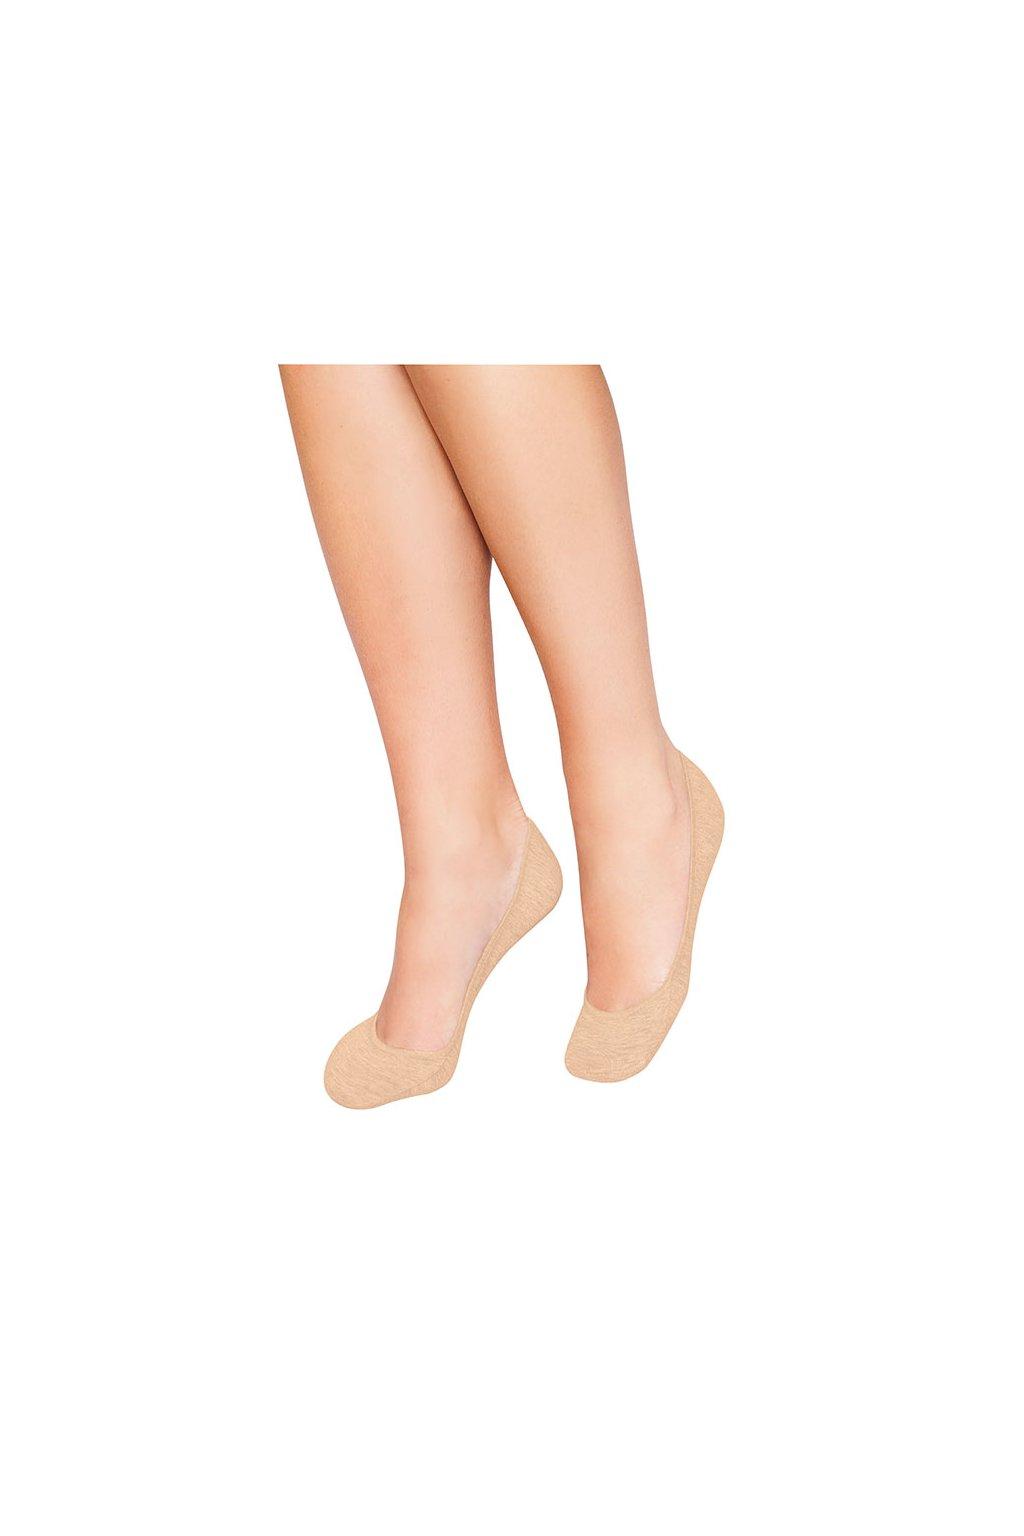 Ponožky do balerín, 1A001 210, béžová